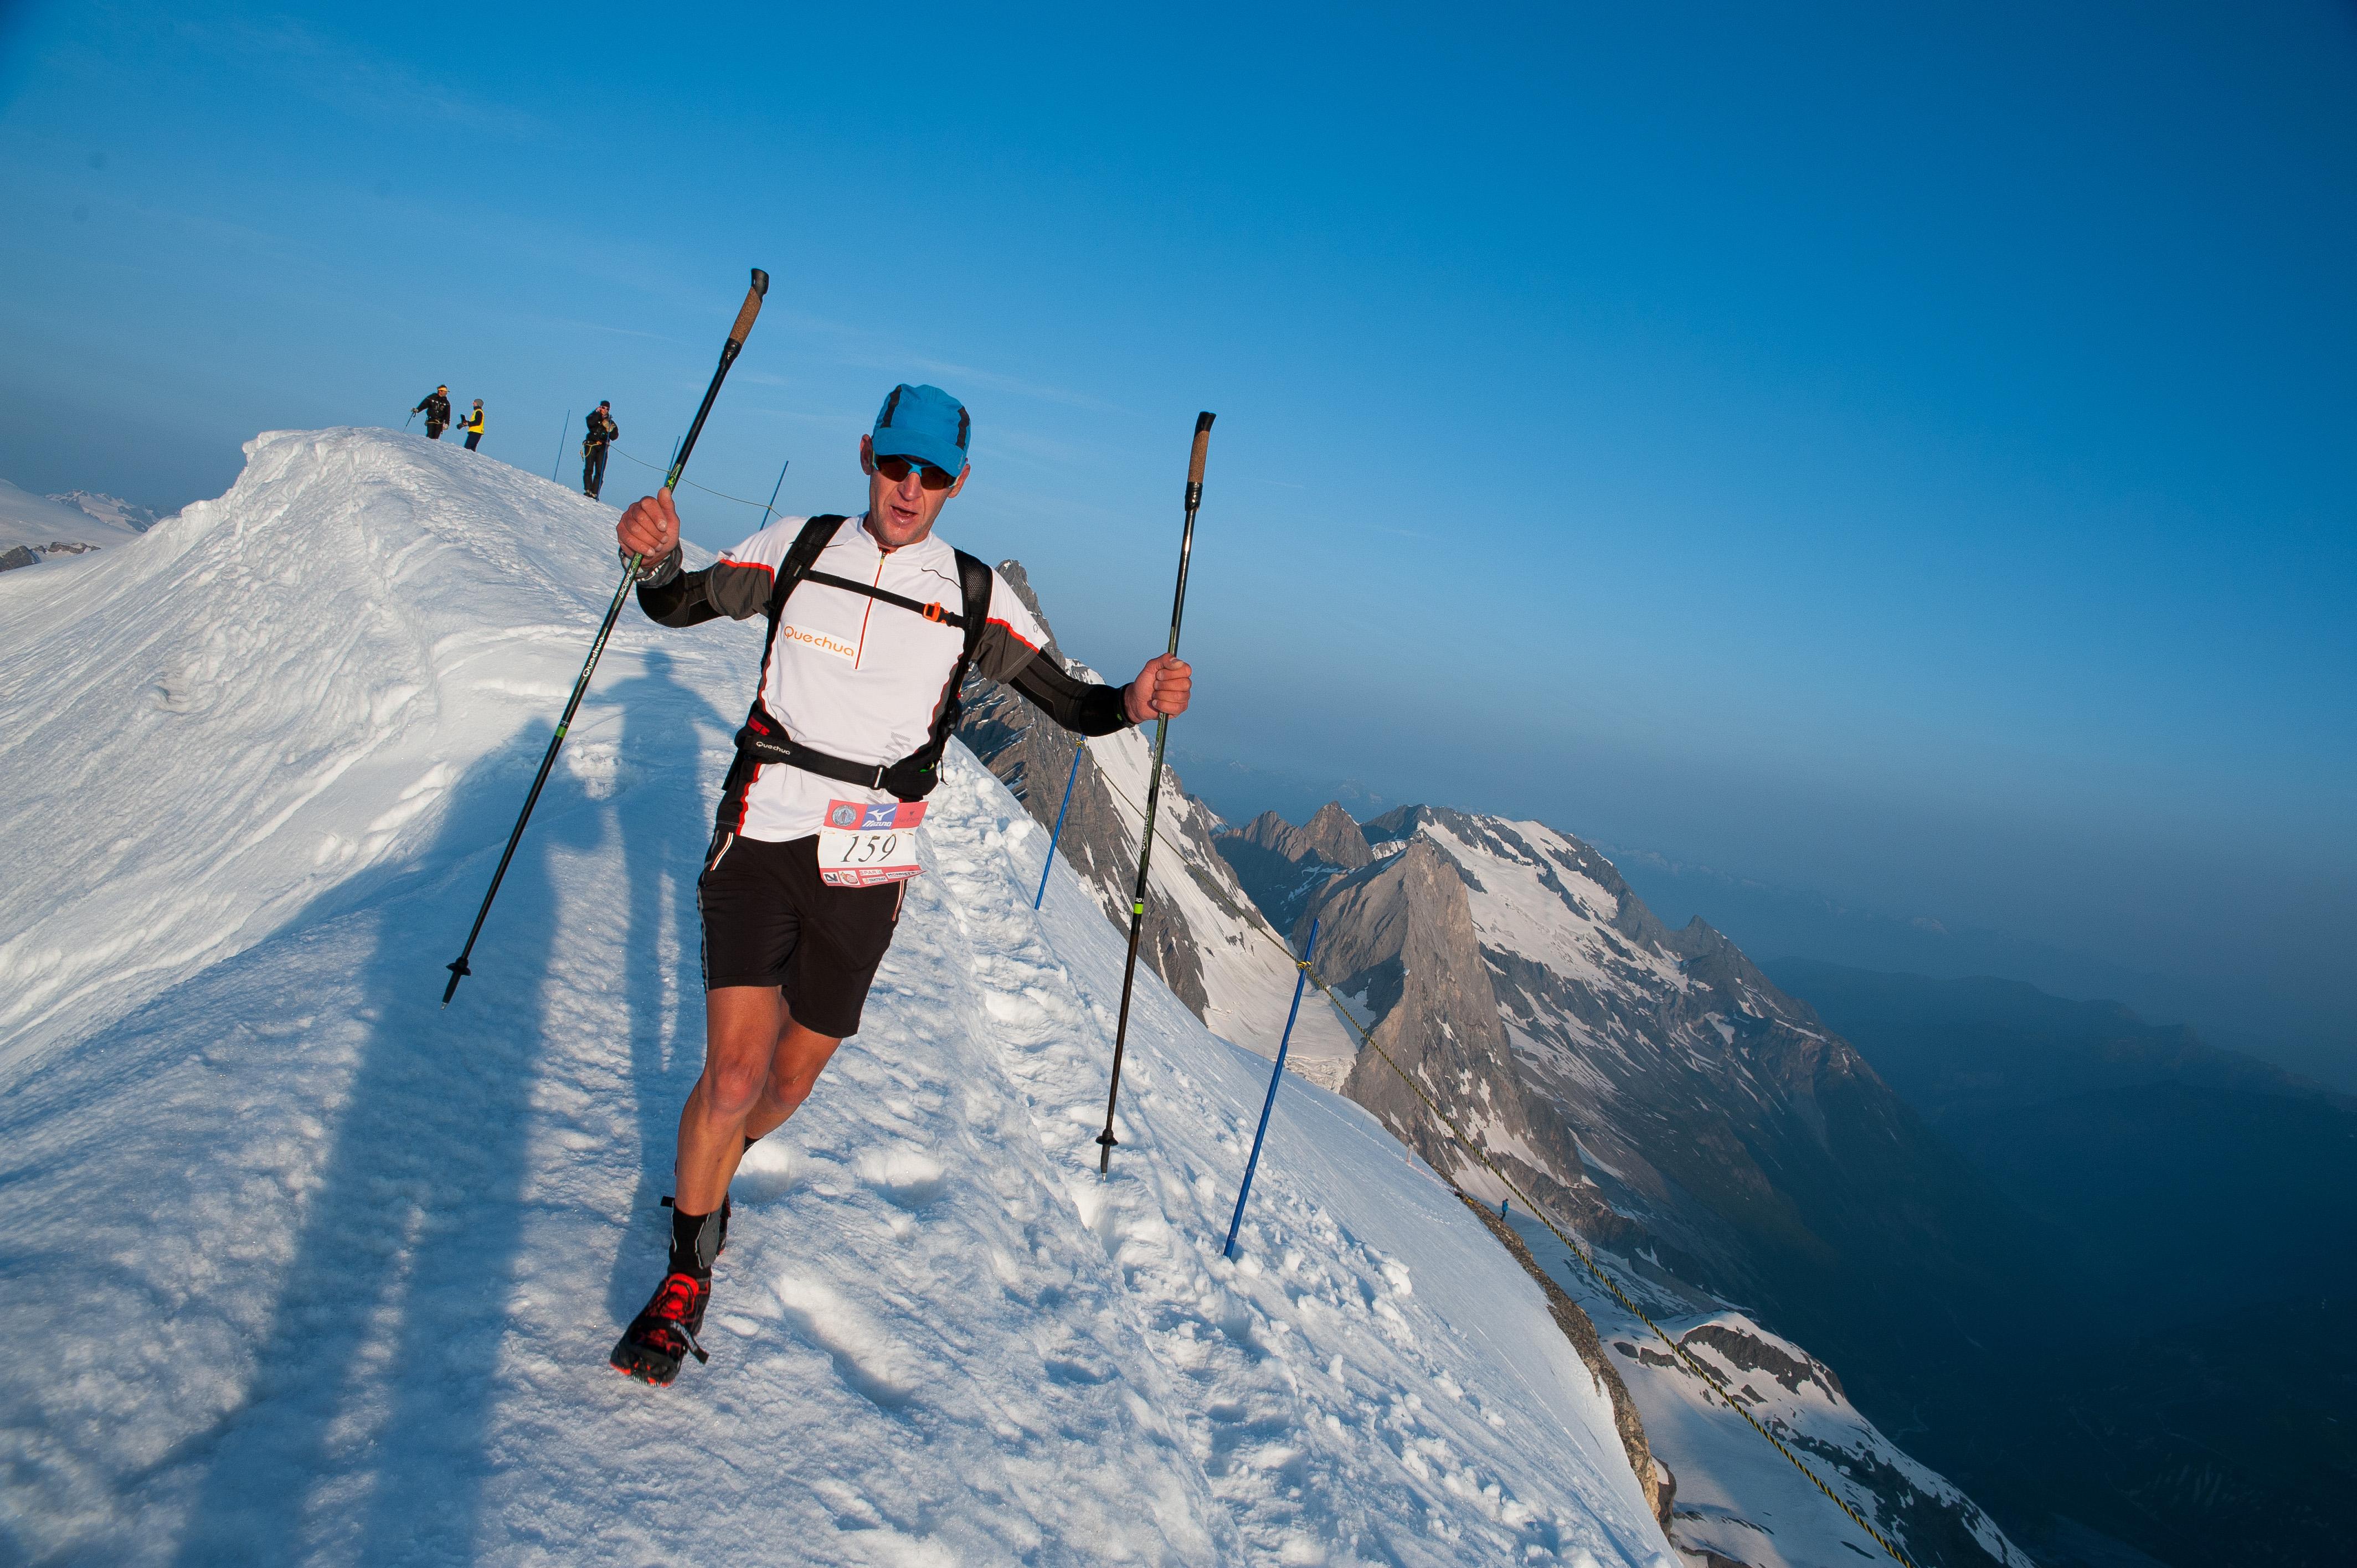 0159 ITT 13 PAL8281 - Le Défi des Savoie Extrem Trail Challenge 2014